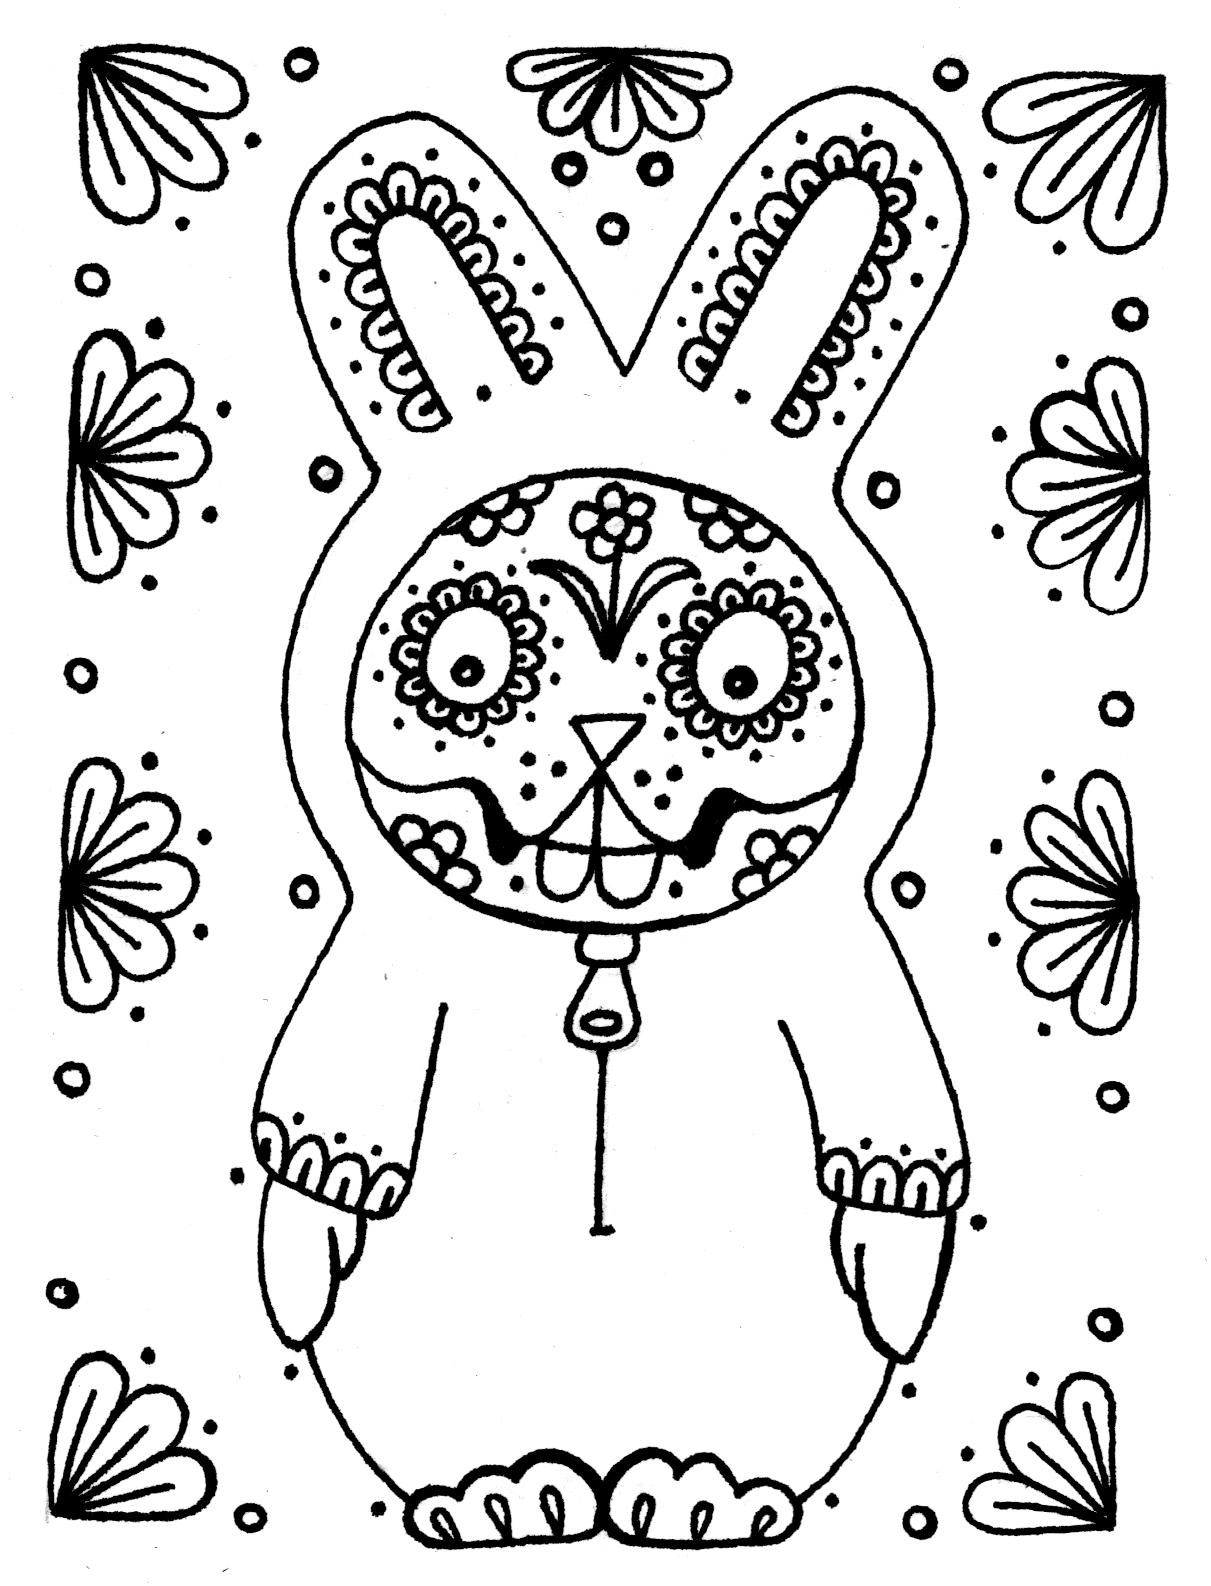 dia de los muertos printable coloring pages yucca flats nm wenchkin39s coloring pages dia de los muertos los printable coloring pages dia de